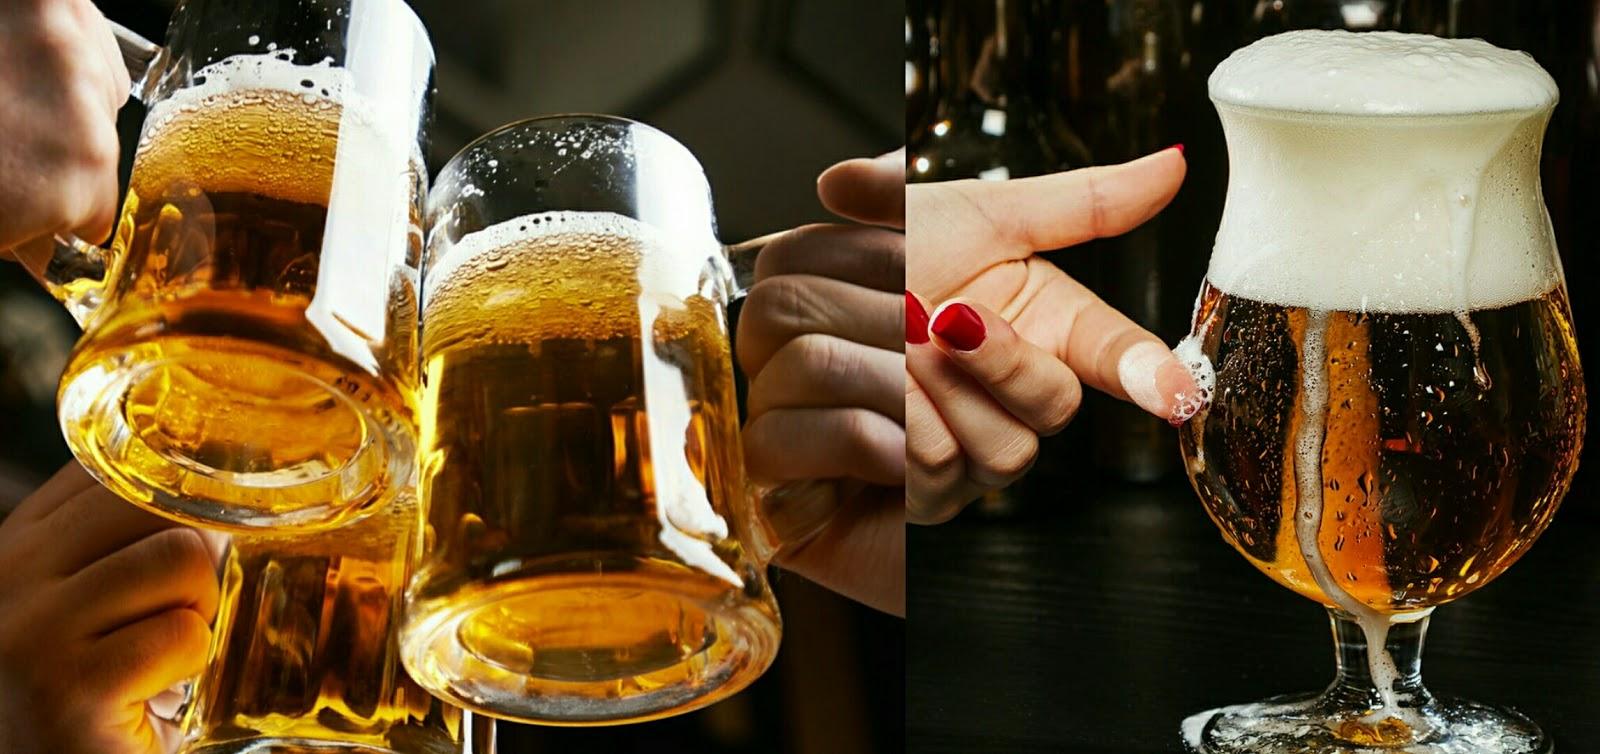 Empresa busca persona para trabajar tomando cerveza en inglaterra - Empresas en inglaterra ...